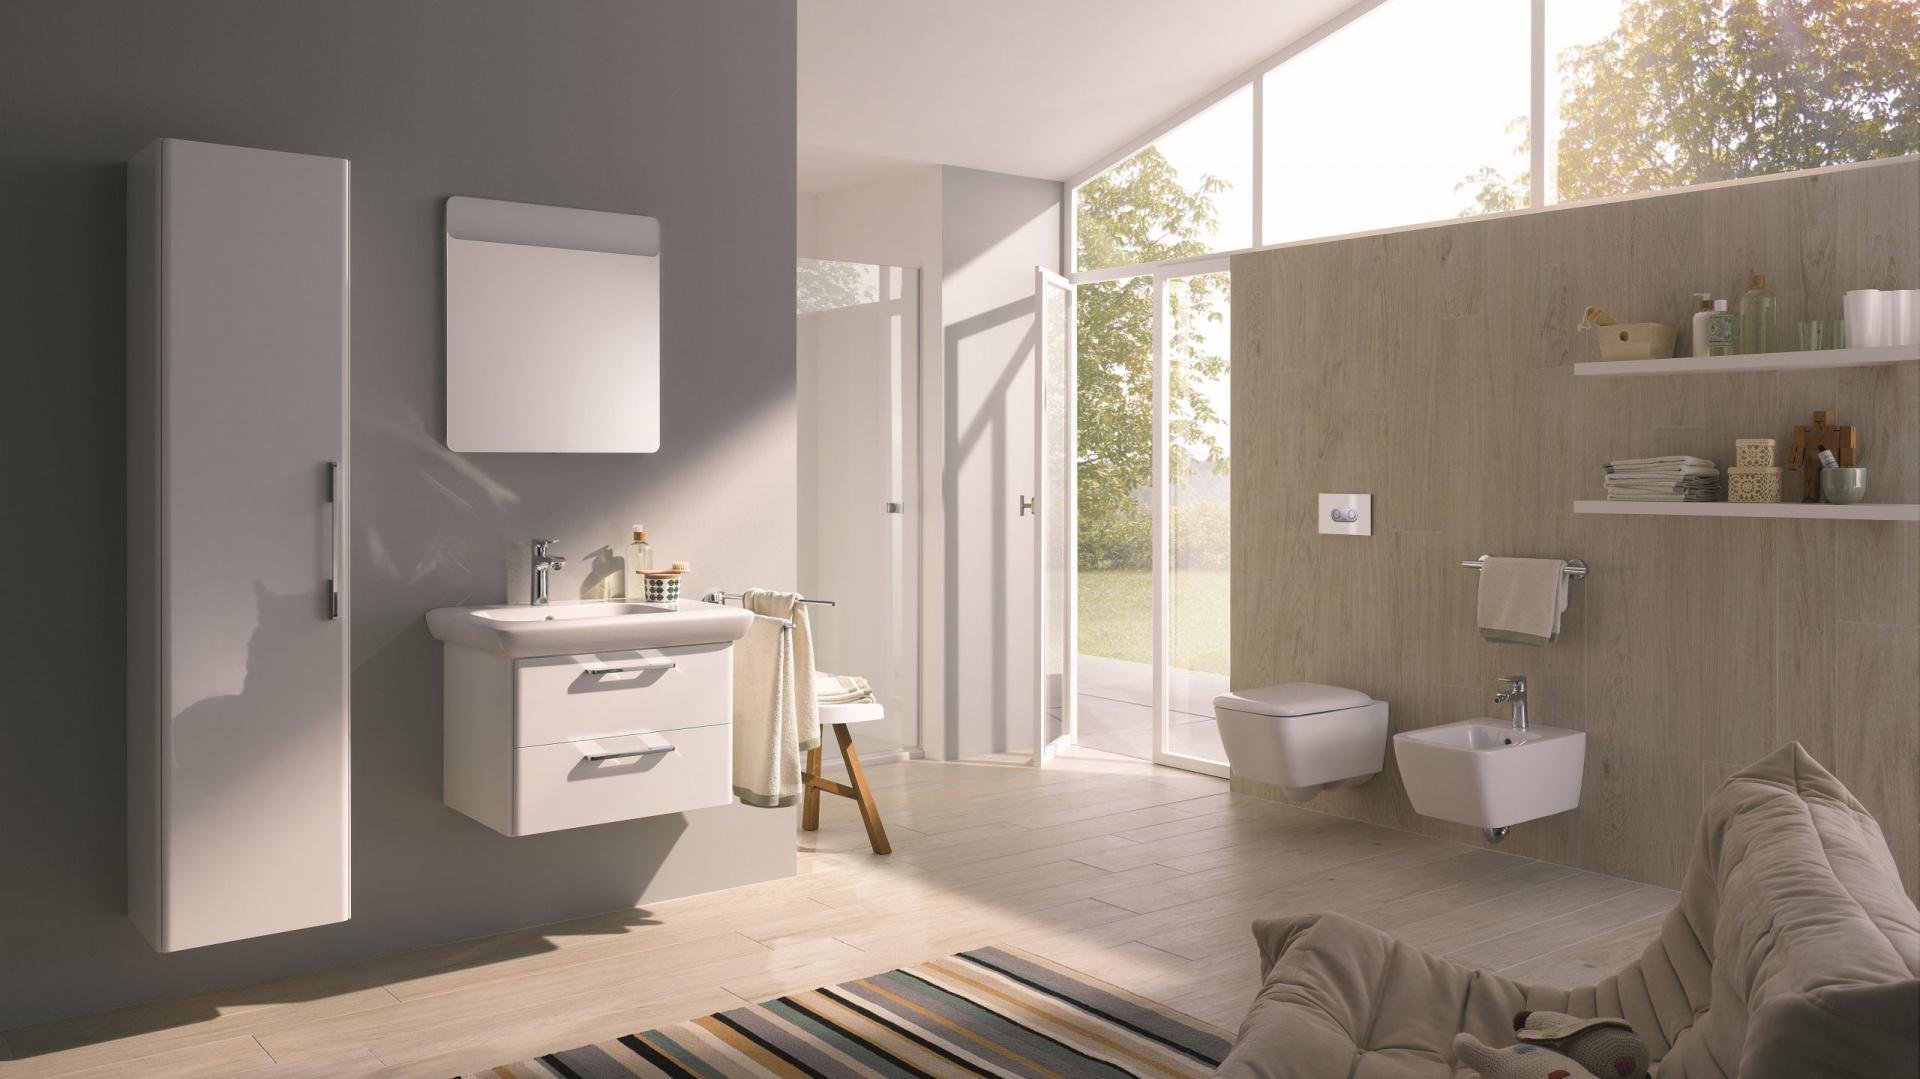 Meble z serii kompletnego wyposażenia łazienki Life! Koło. Uniwersalny zestaw w modnej bieli, z praktycznymi uchwytami. Fot. Koło.